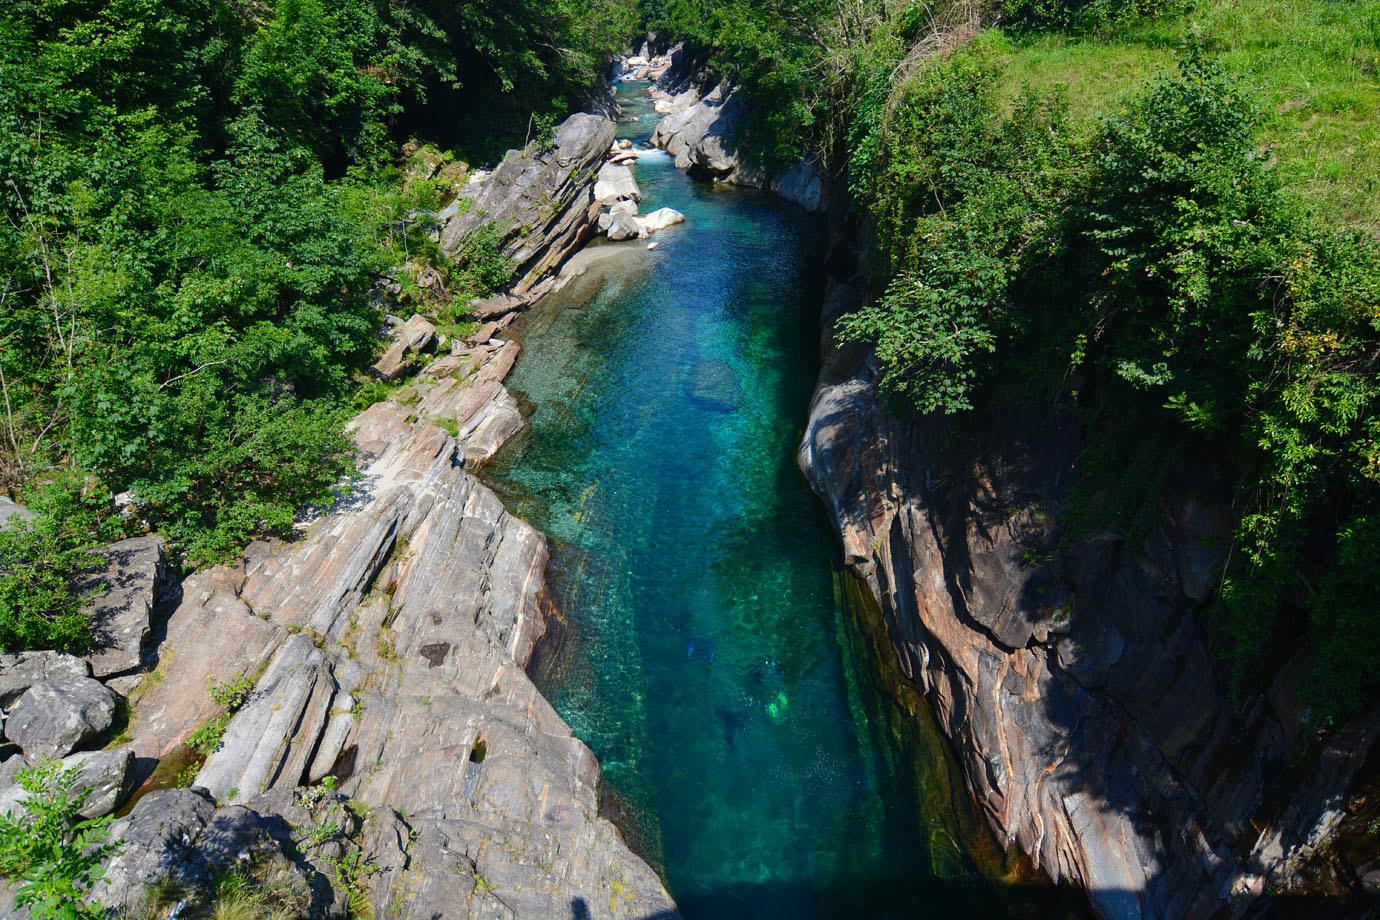 River Liana Nude Photos 1